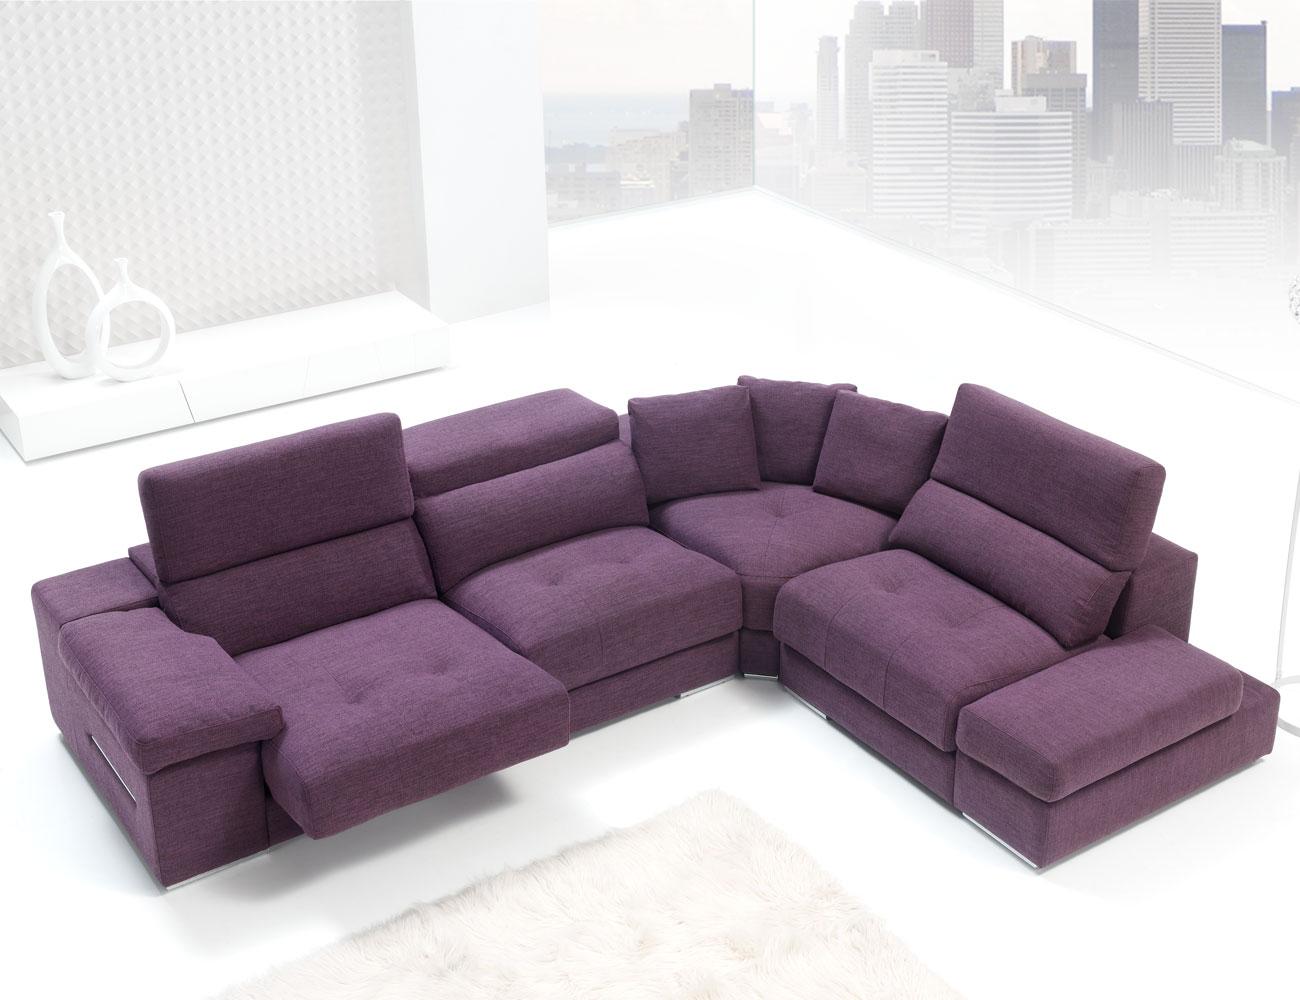 Sofa chaiselongue rincon con brazo mecanico tejido anti manchas 263